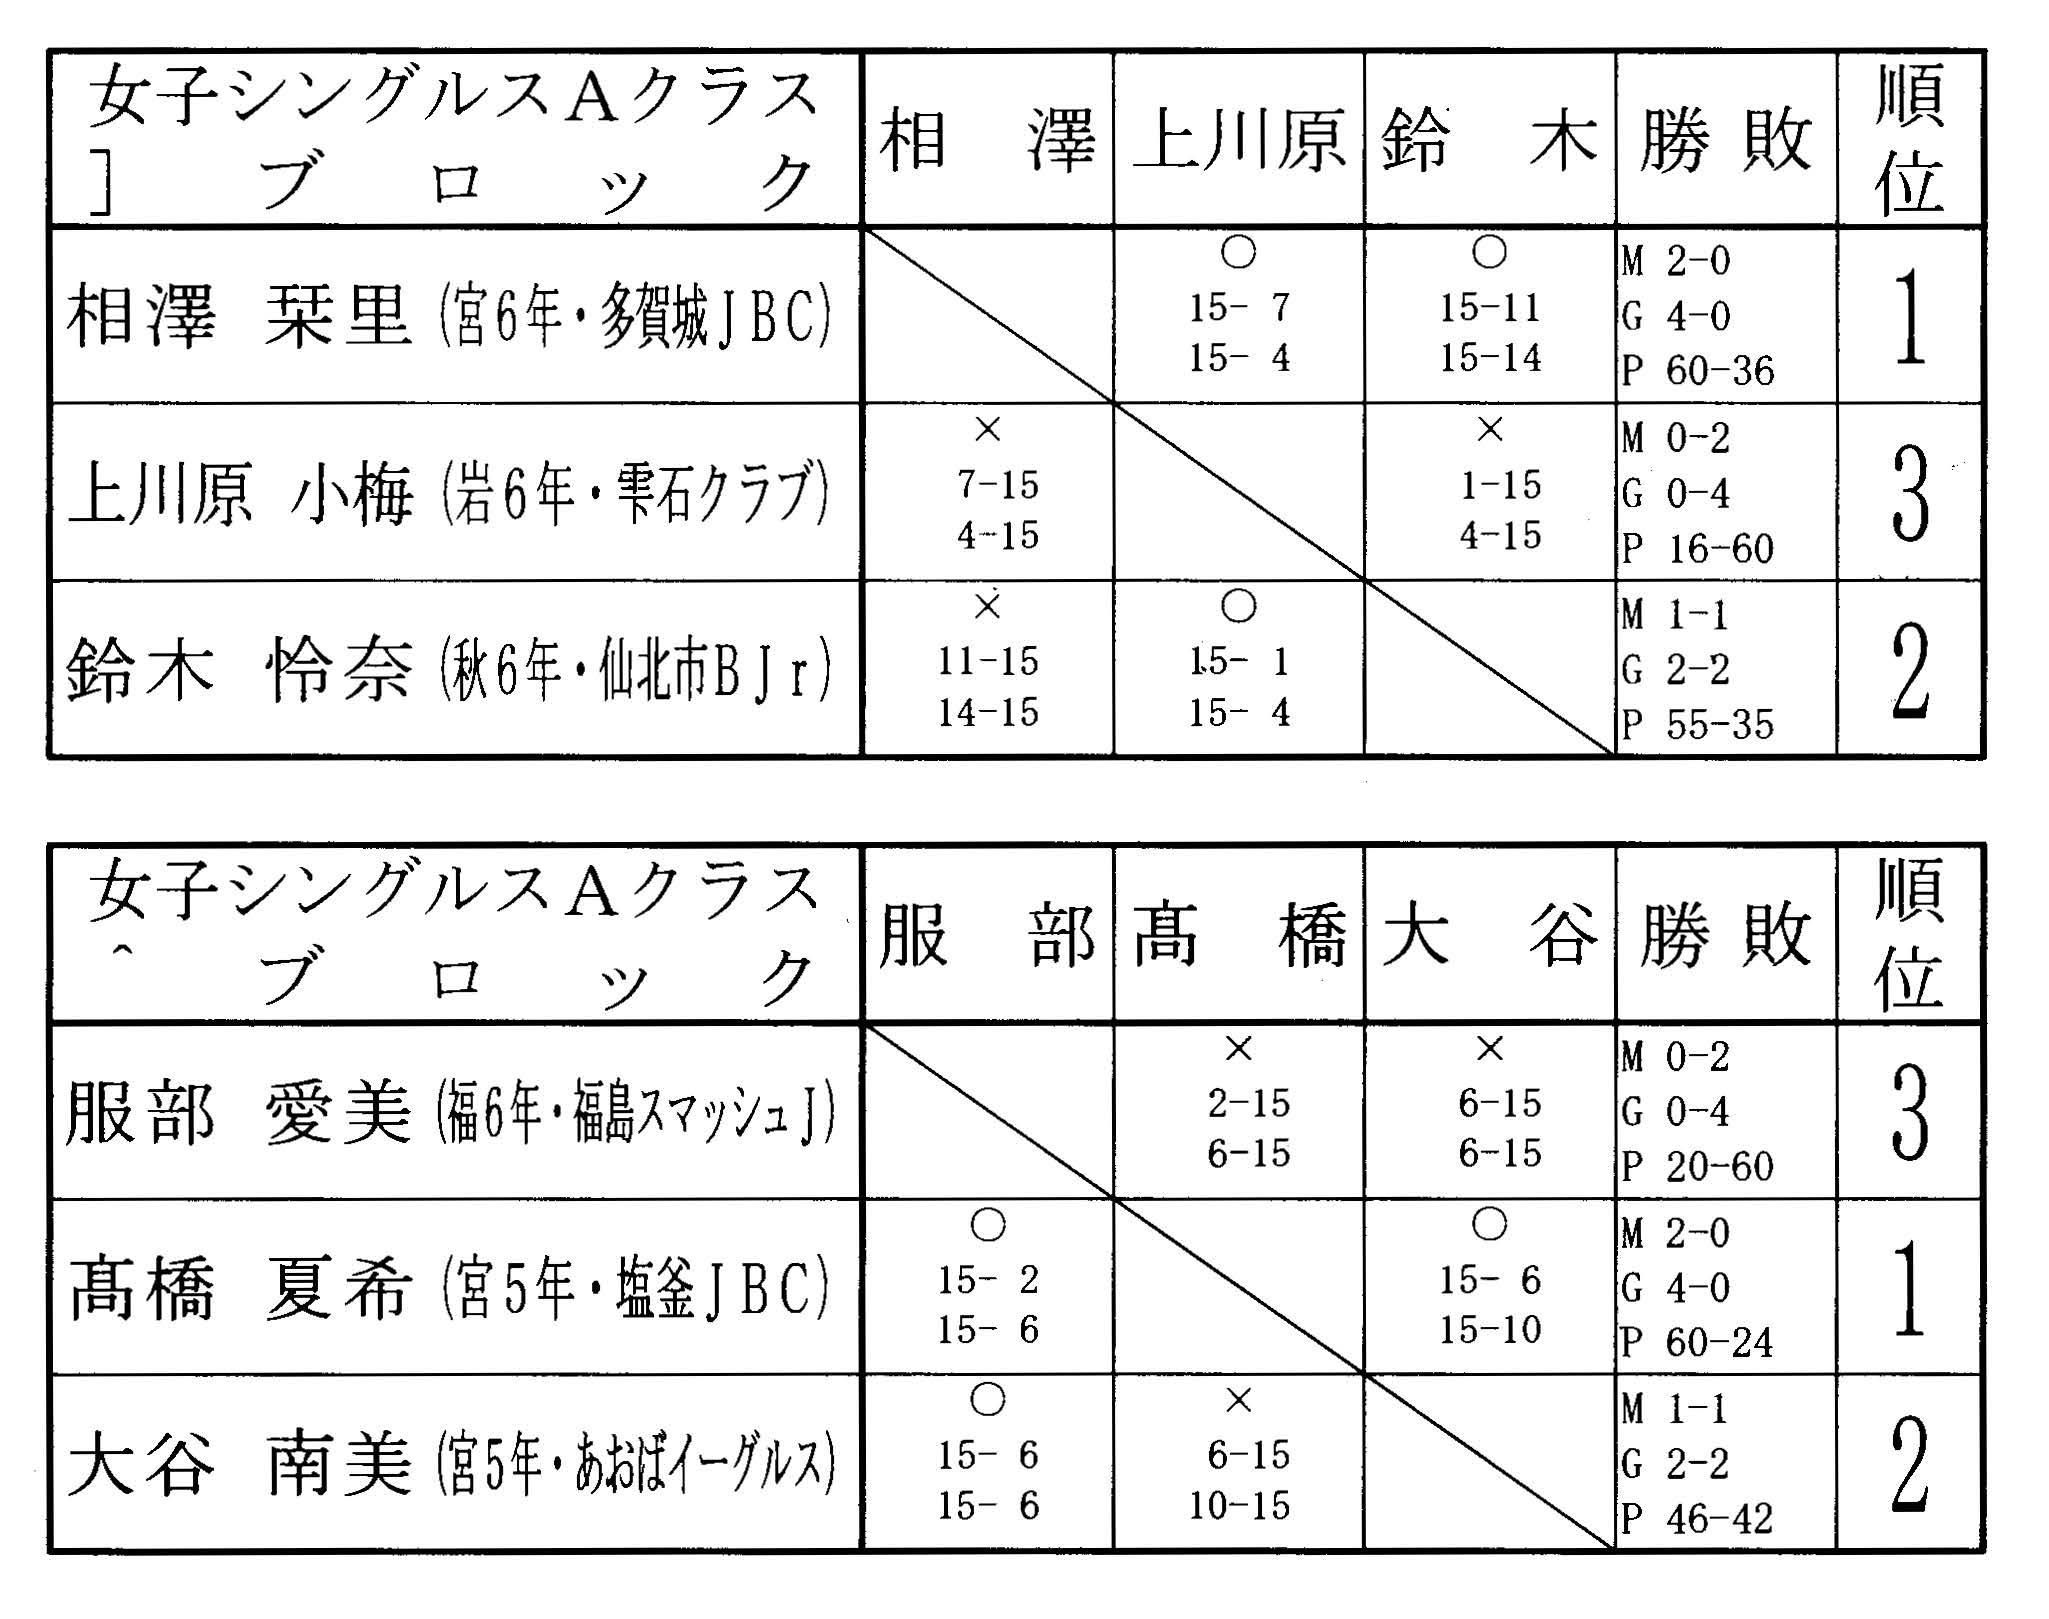 第9回タカハシ杯 結果女子シングルスAクラス_f0236646_15353921.jpg